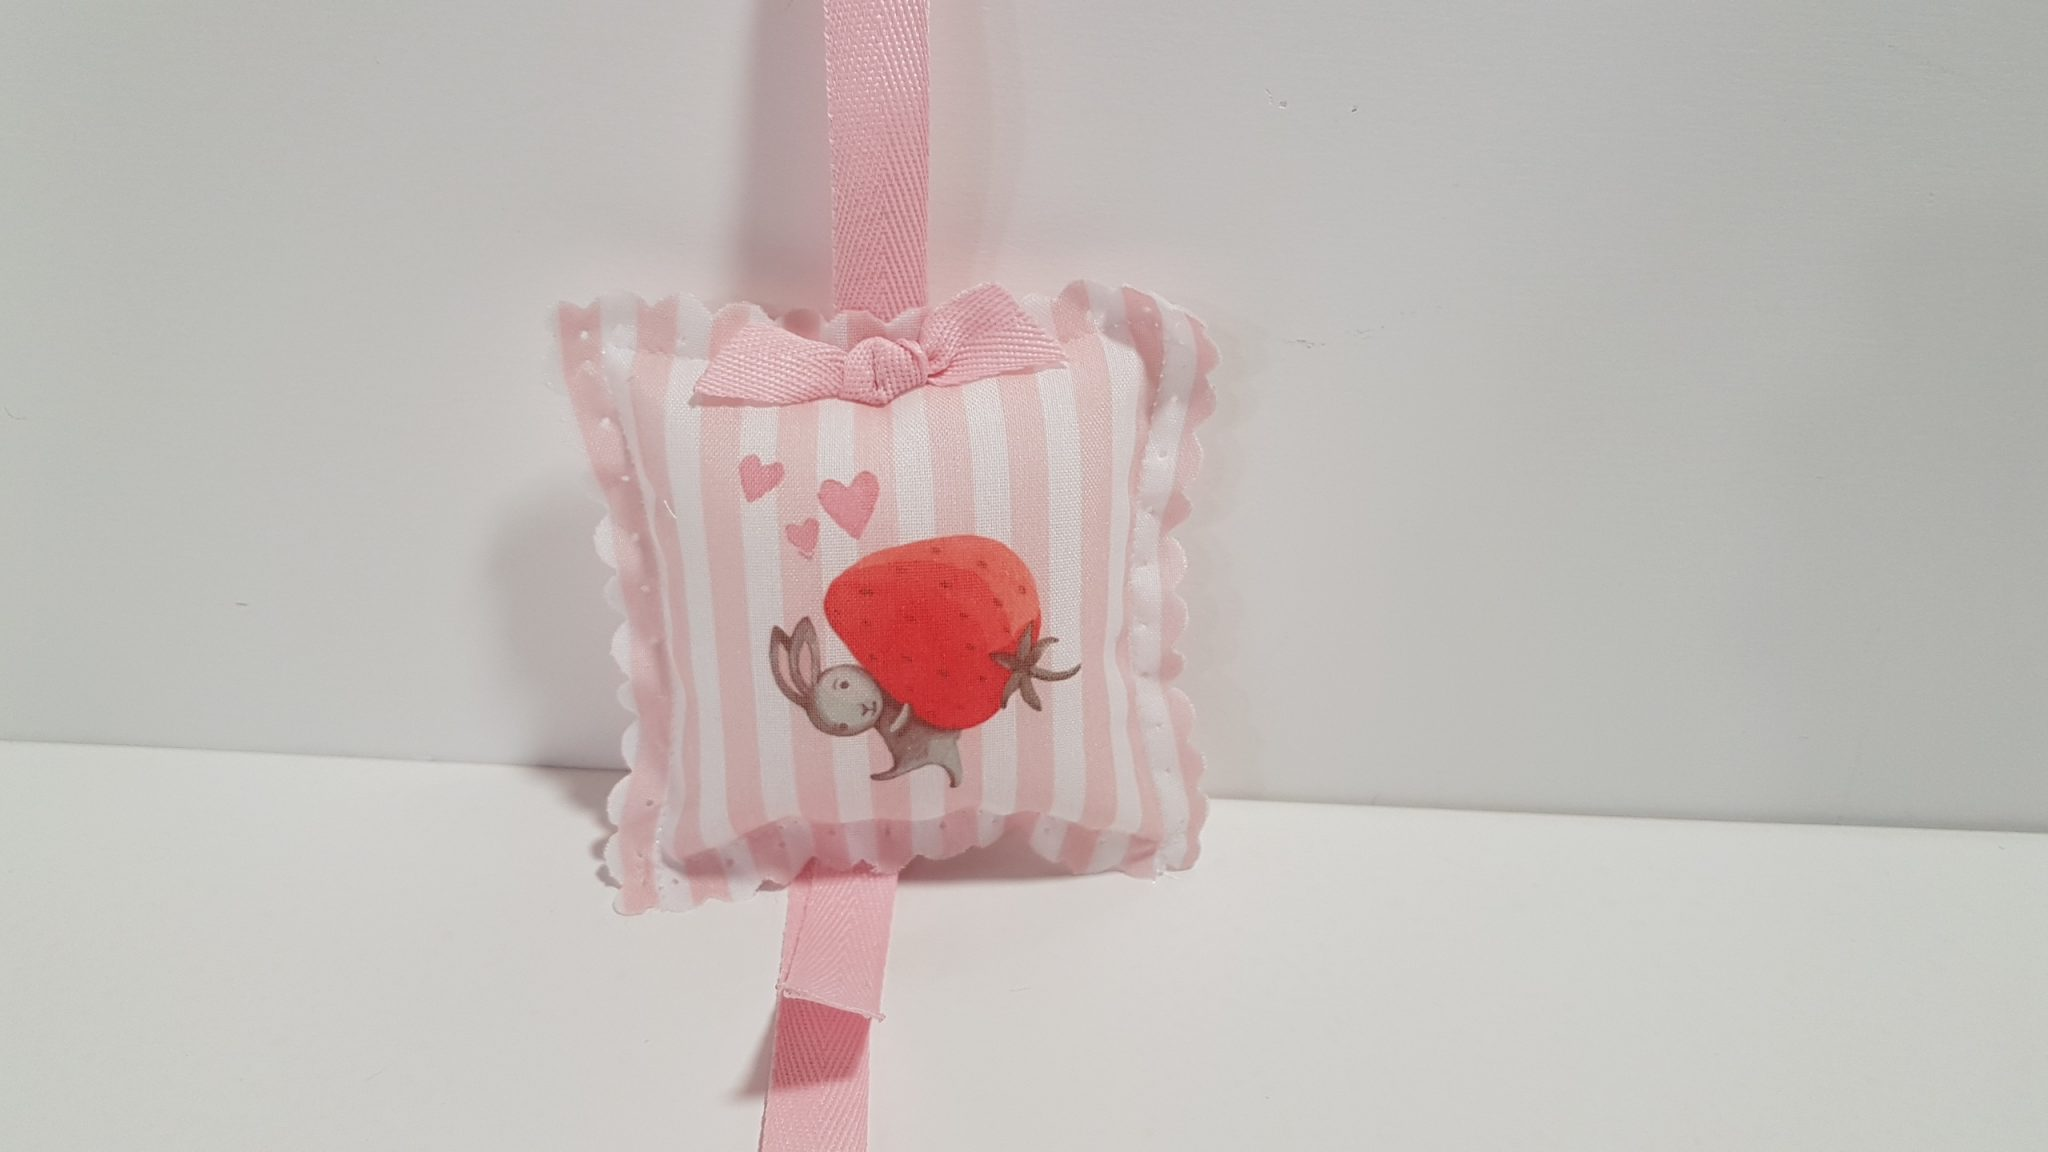 Μπομπονιέρα μαξιλαράκι φουσκωτό,΄θφασμα ριγέ και τυπωμένο λαγουδάκι με φράουλα.